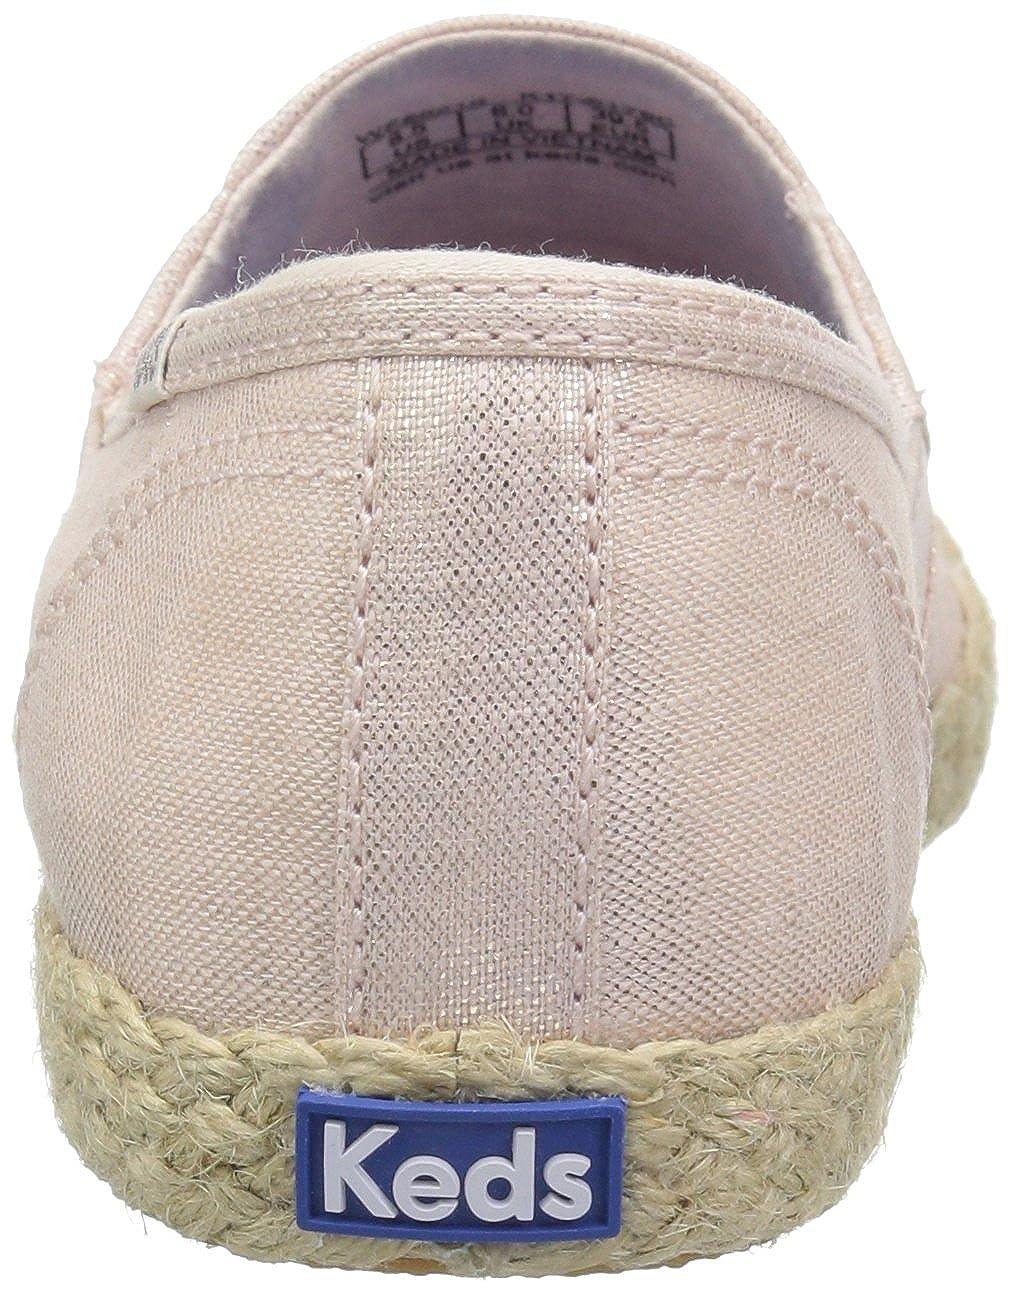 Keds Womens Chillax A-LINE Metallic Linen Sneaker